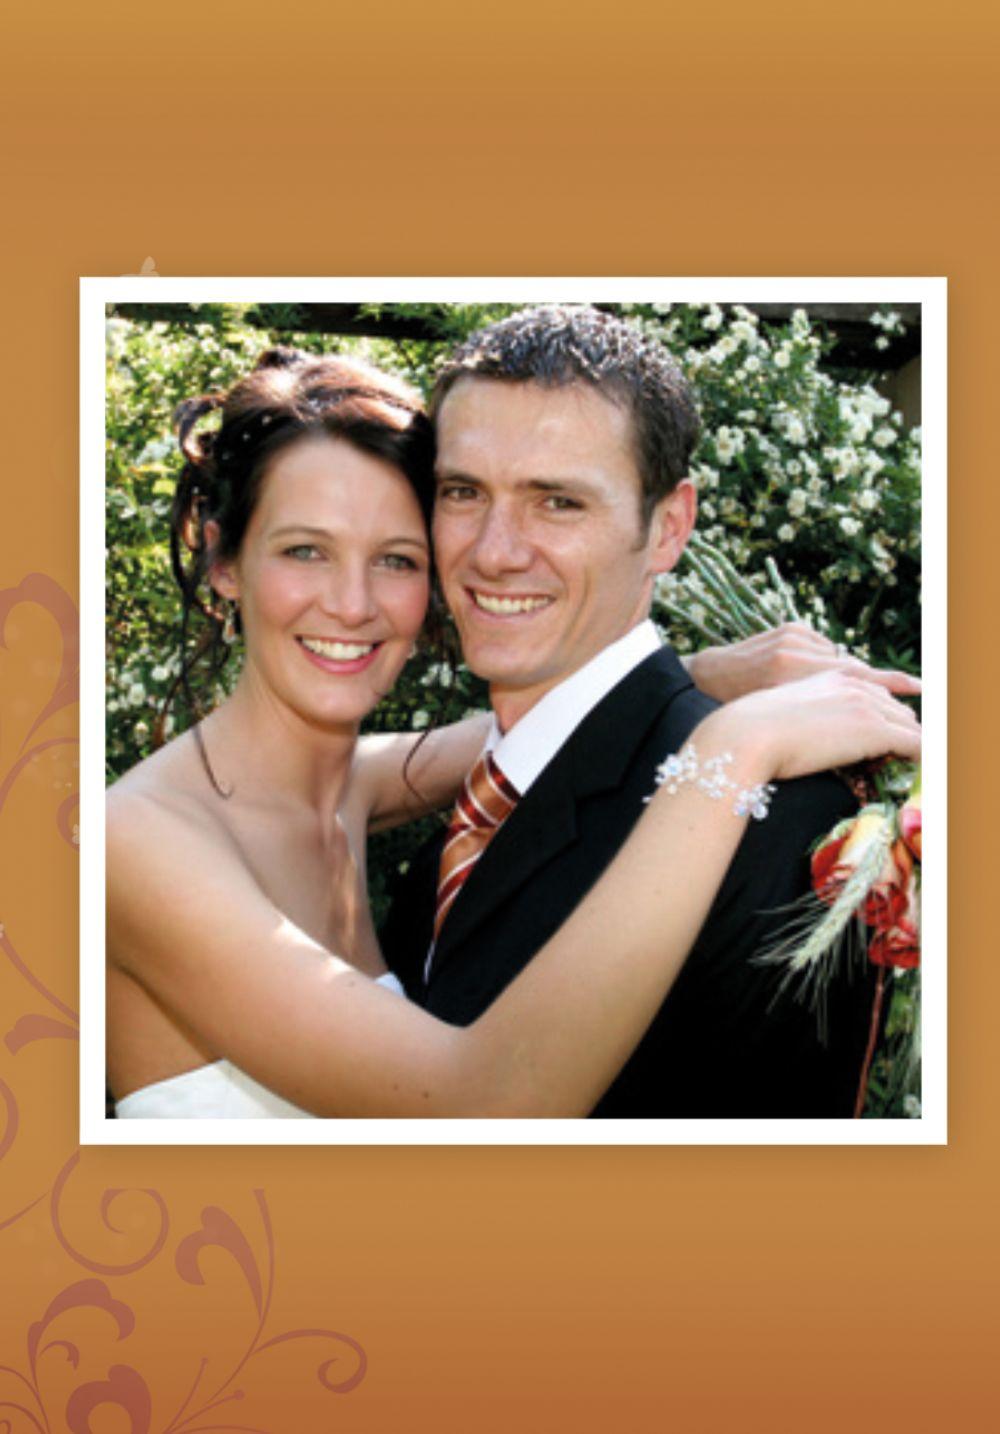 Ansicht 2 - Hochzeit Danke 3 Glücksgriff